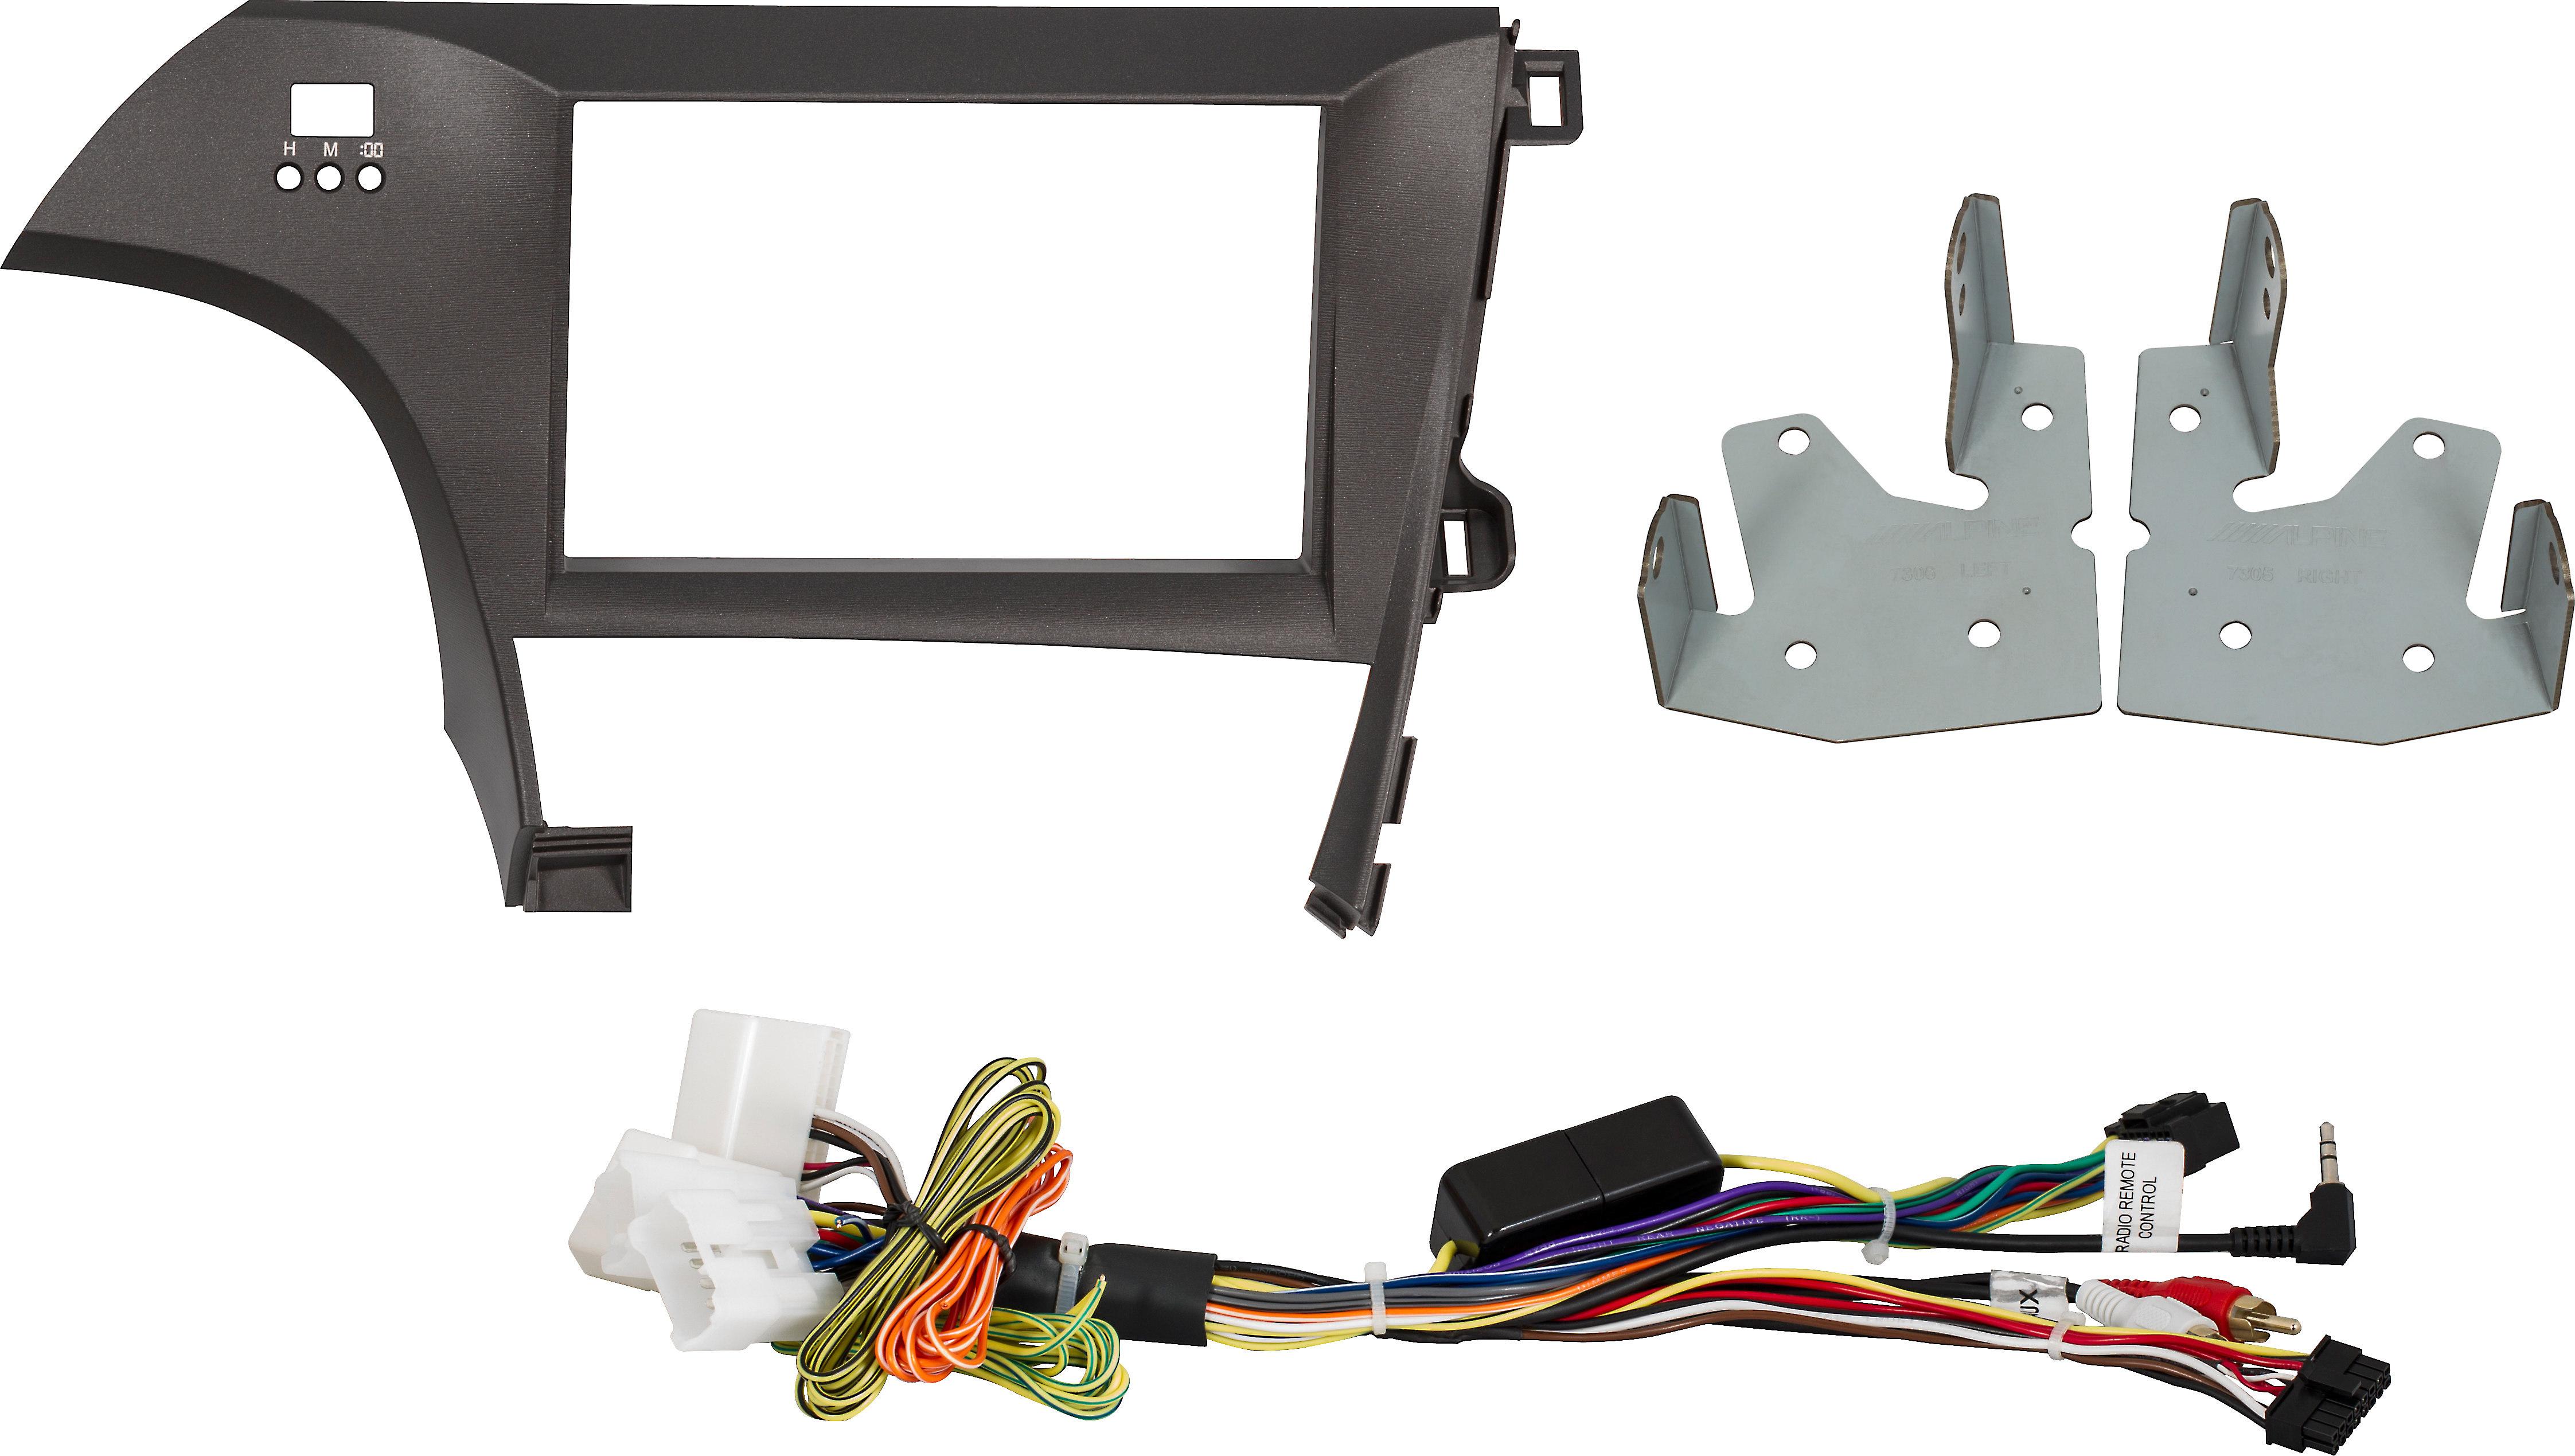 Alpine KTX-PRS8 Restyle Dash and Wiring Kit